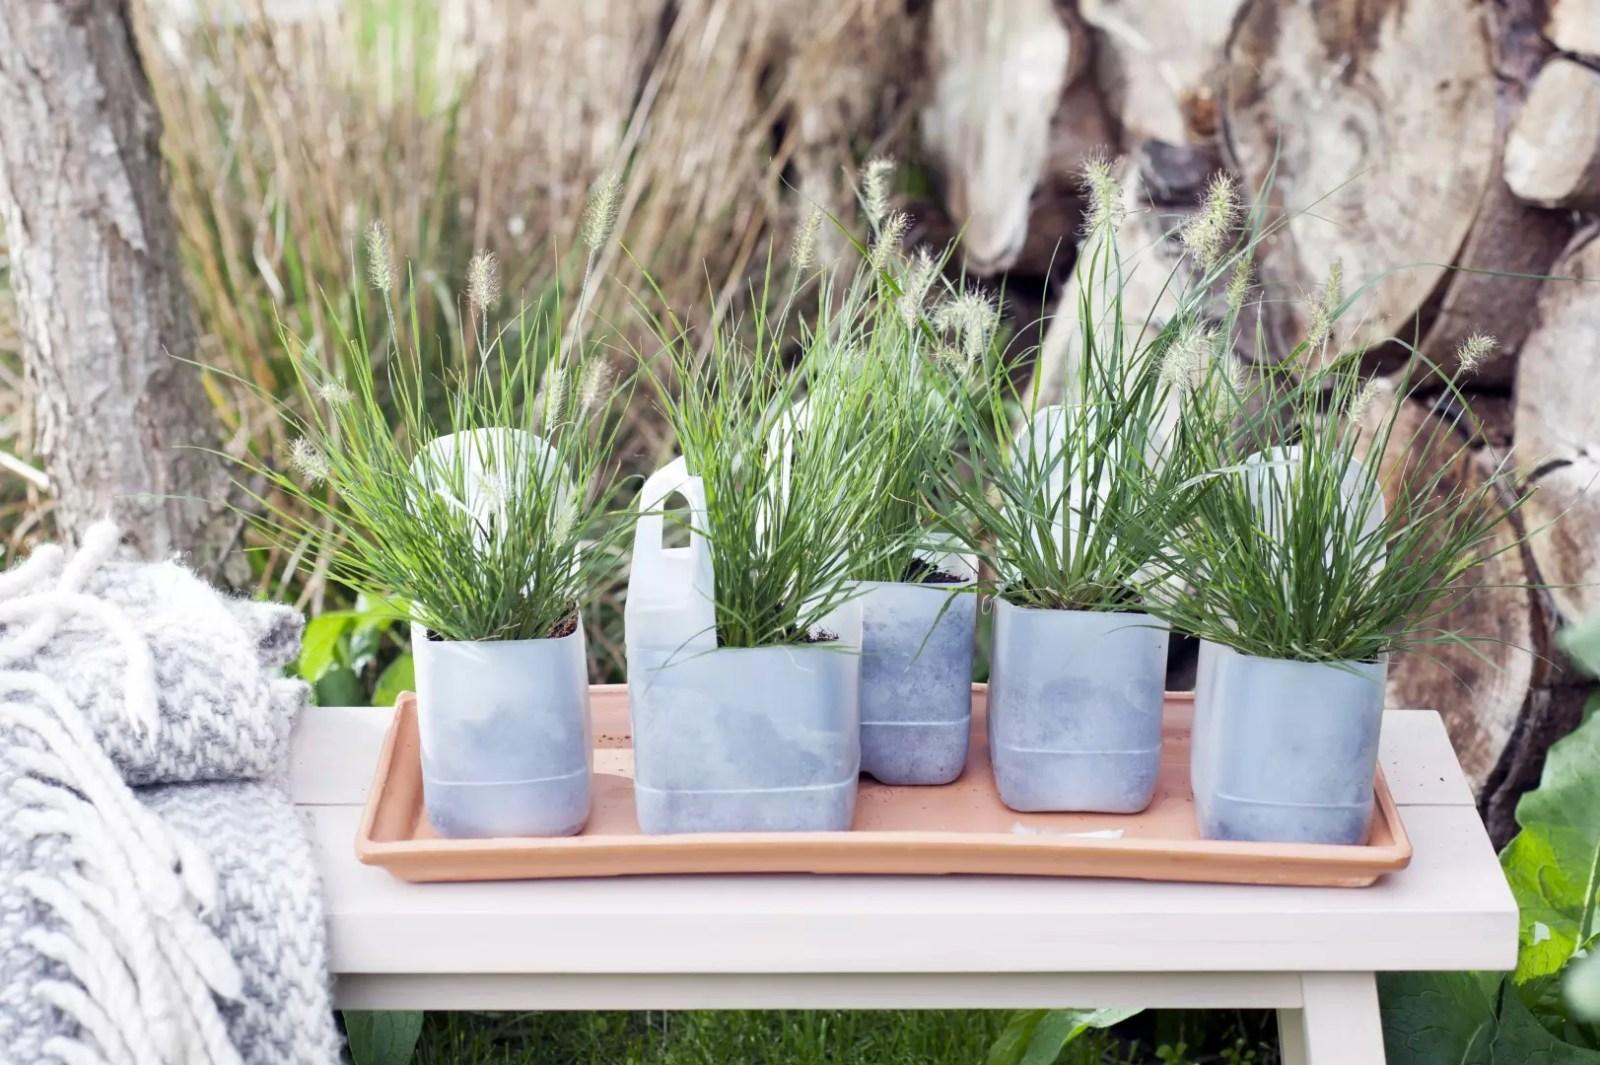 Buitenleven | Siergrassen in de tuin - Borstelveergras = Tuinplant van de Maand september - Woonblog StijlvolStyling.com